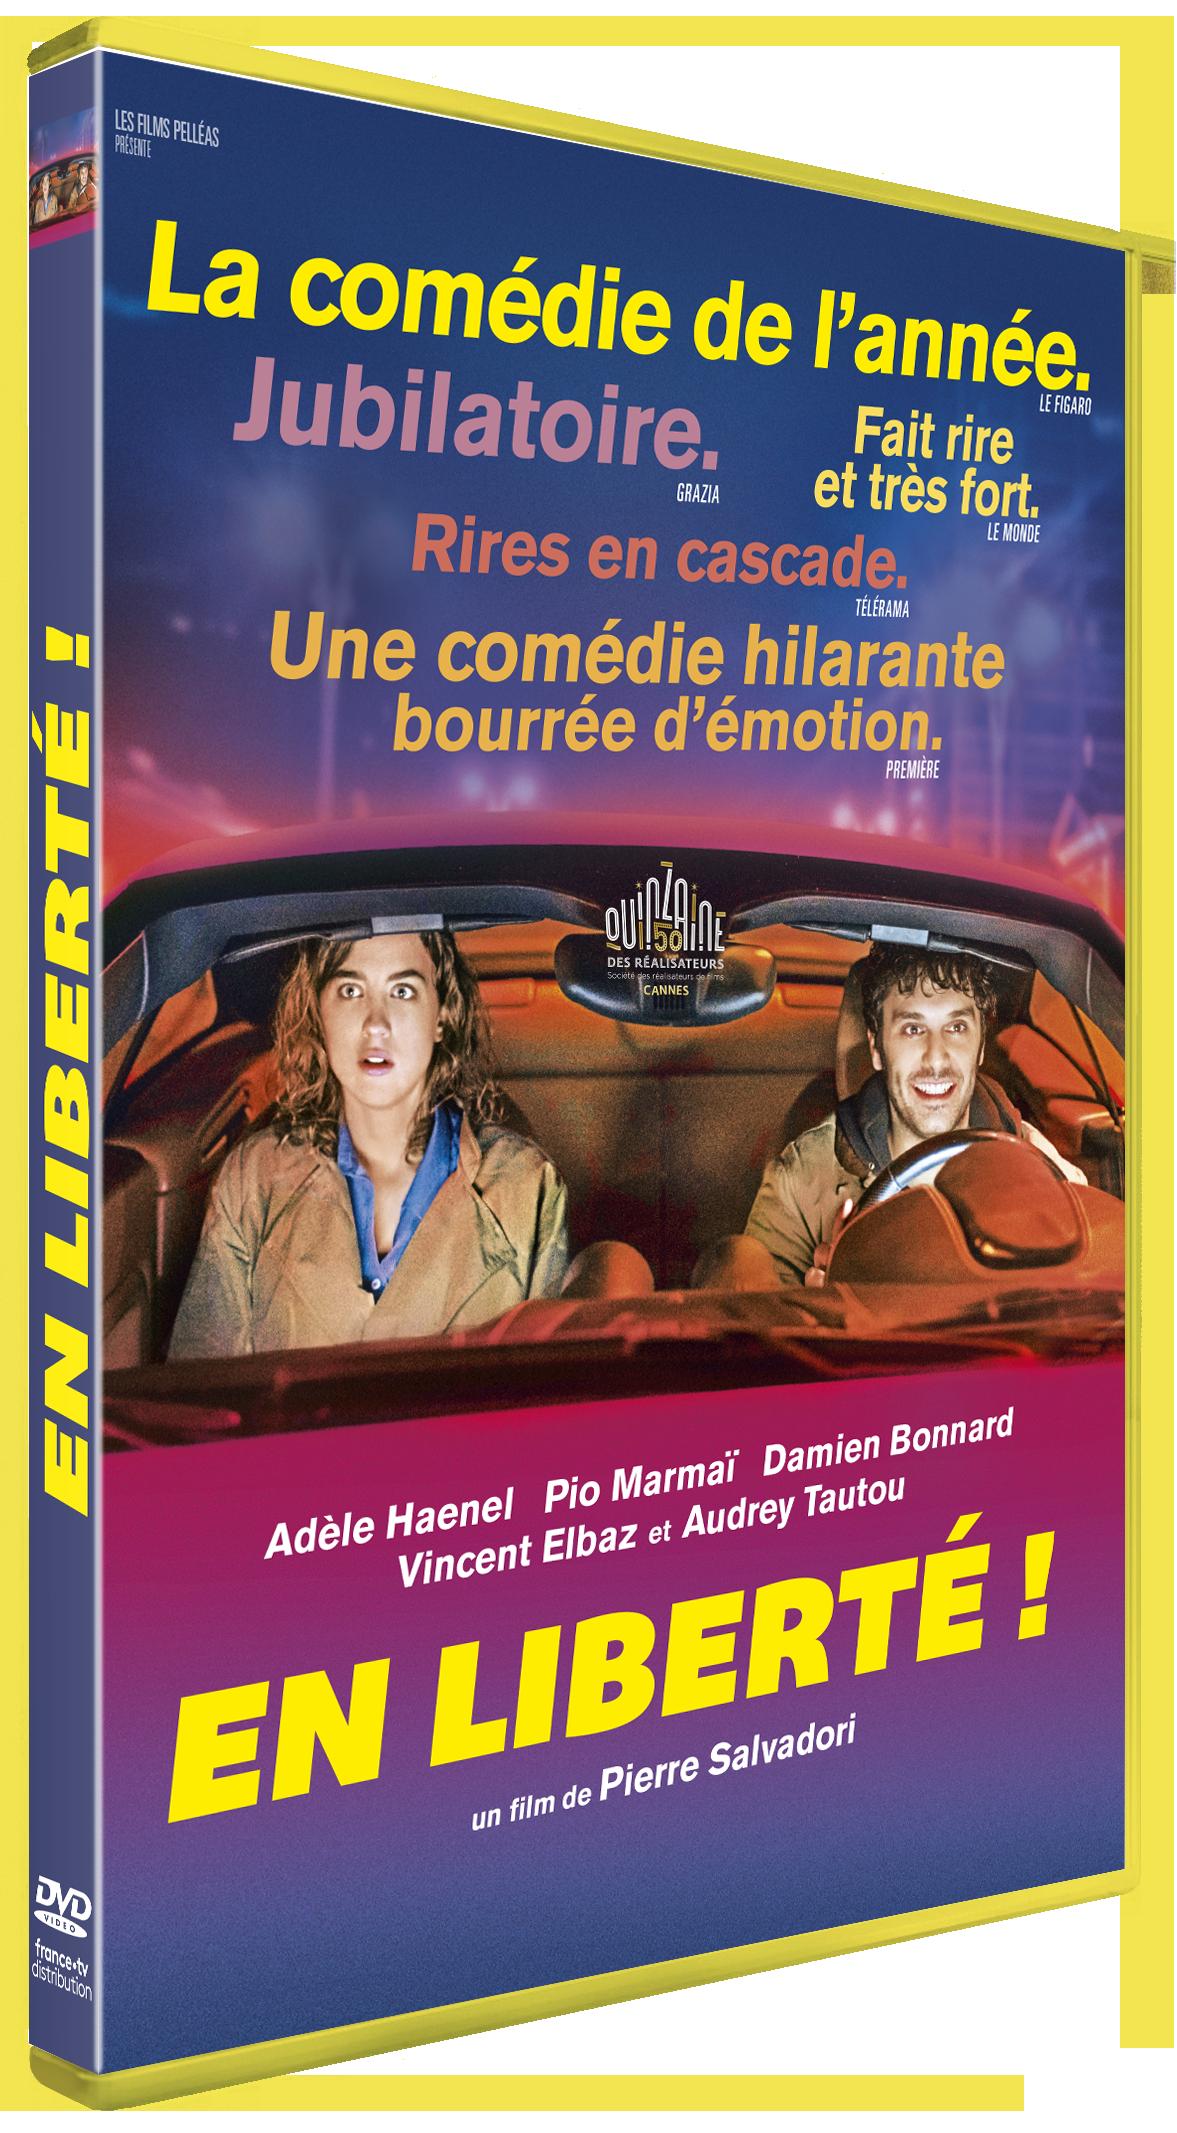 dvd du film En liberté